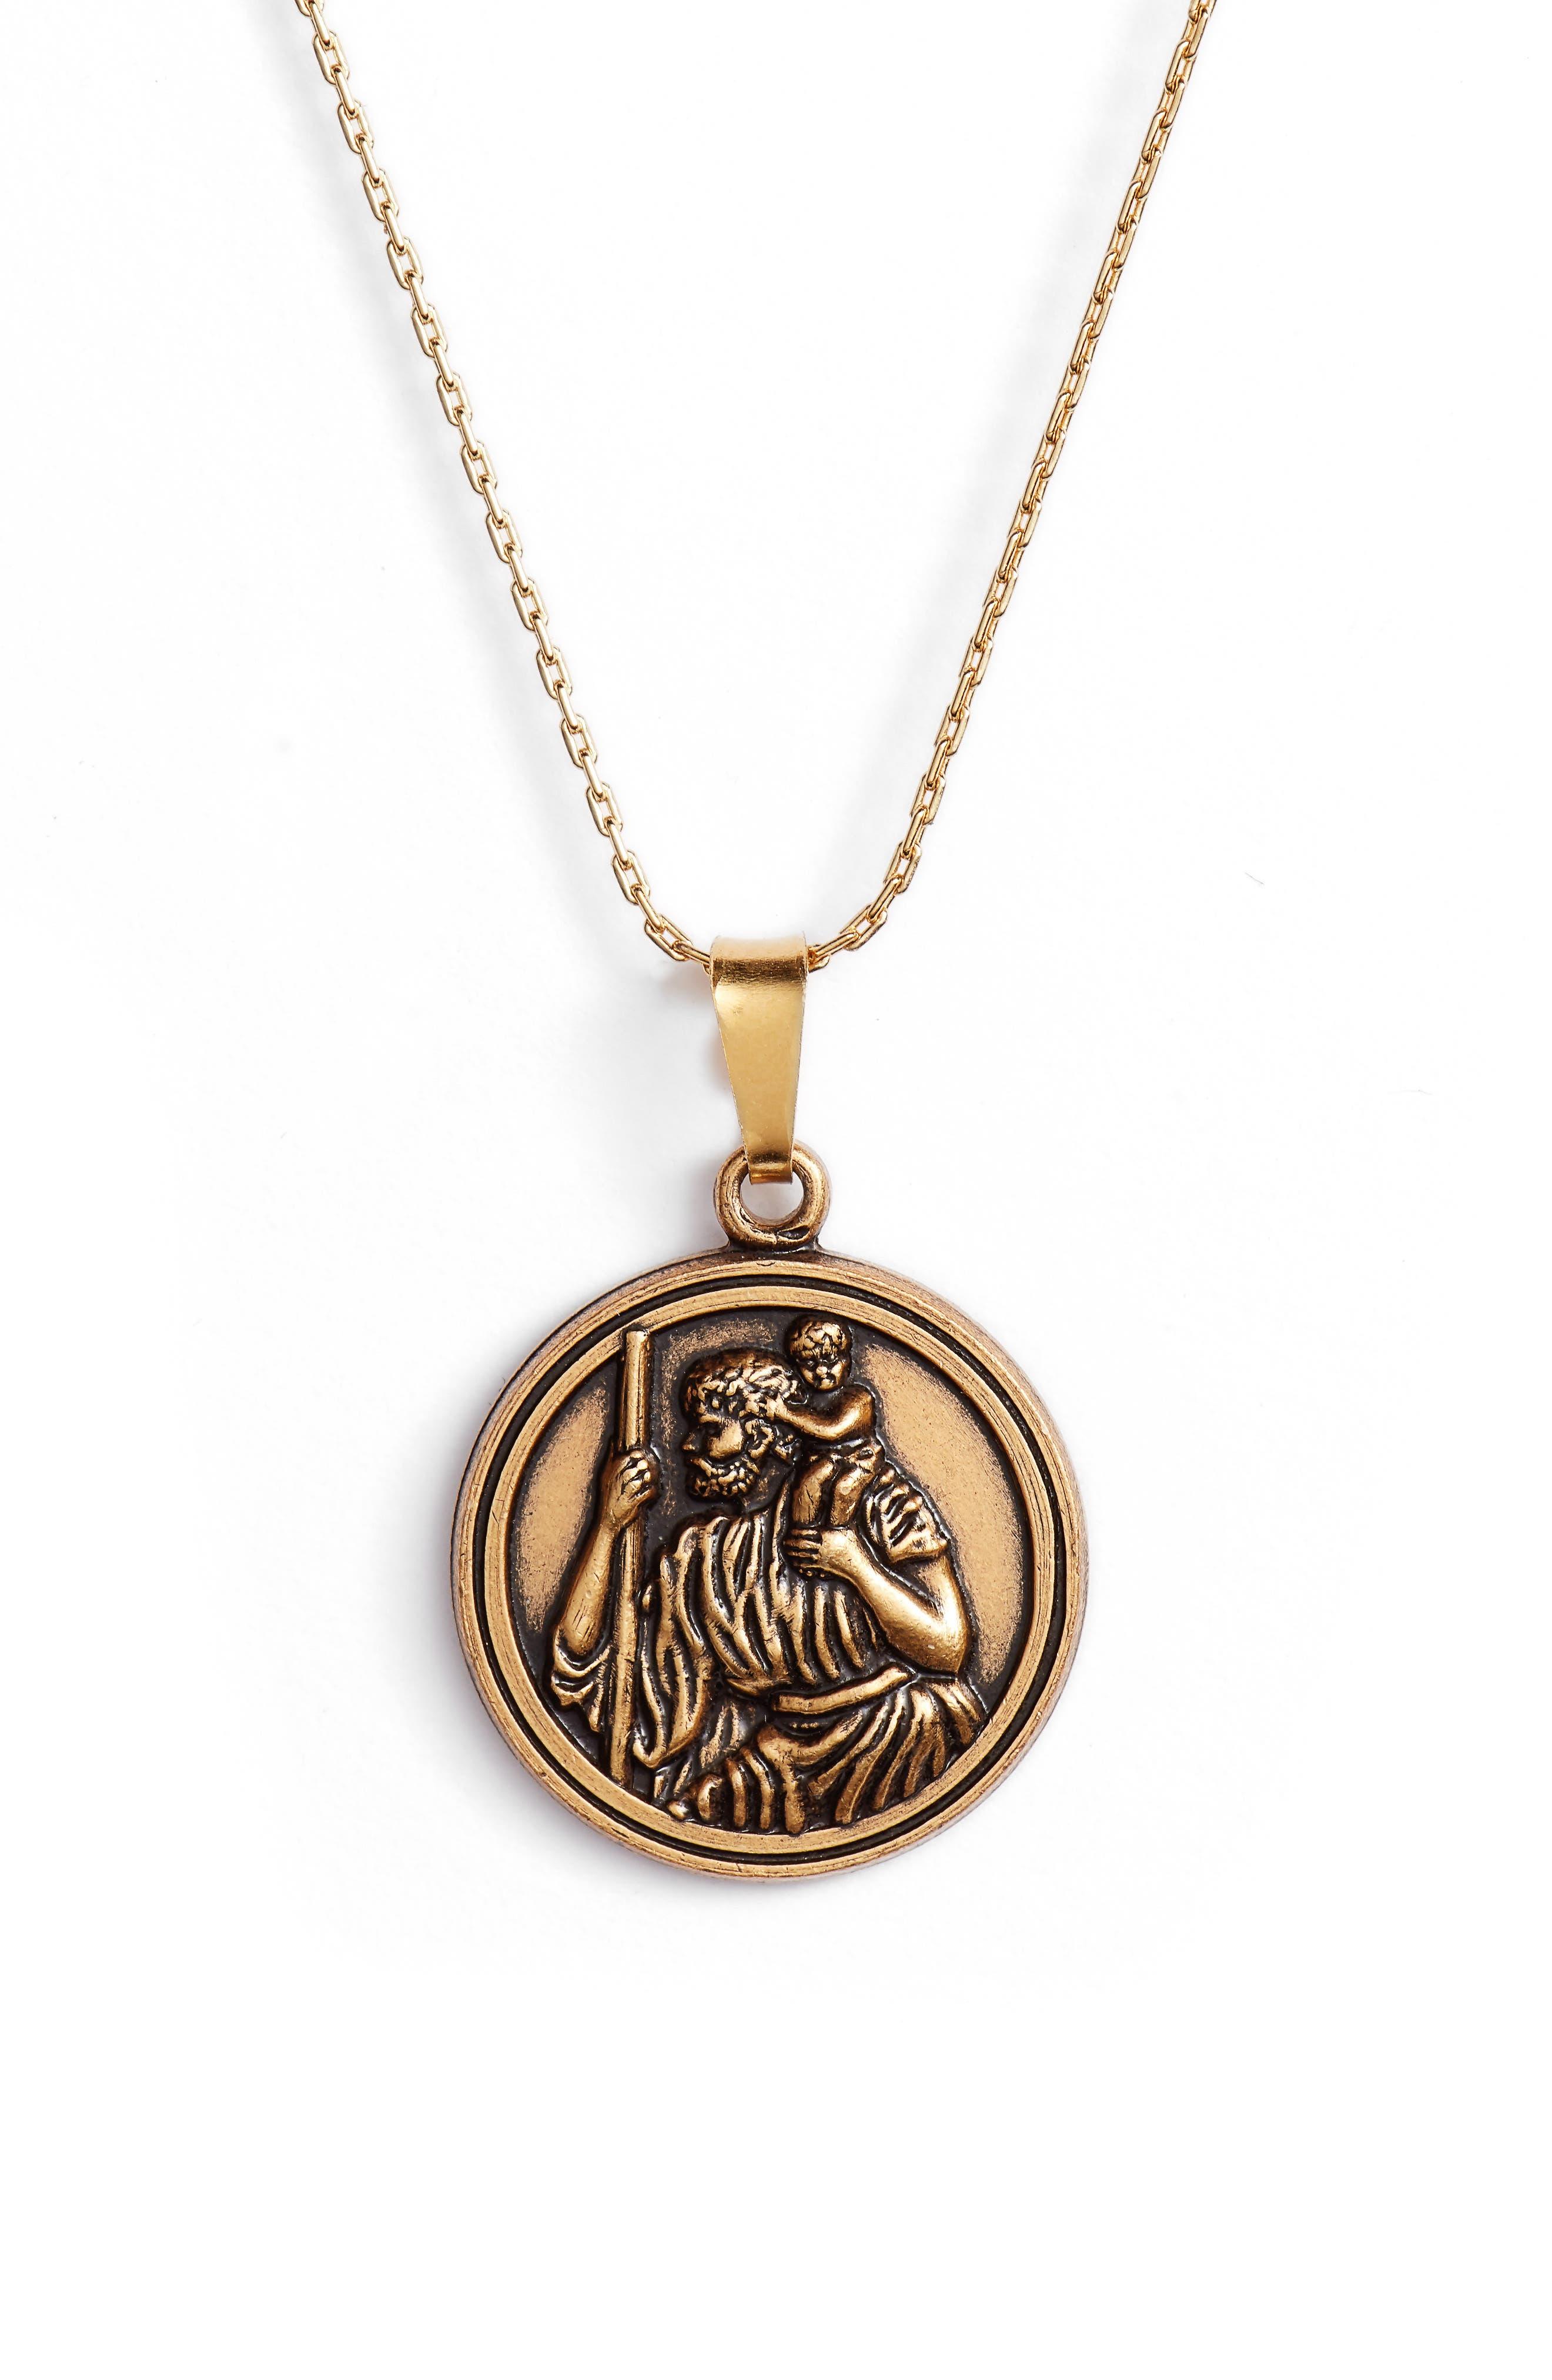 Saint Christopher Pendant Necklace,                             Main thumbnail 1, color,                             GOLD